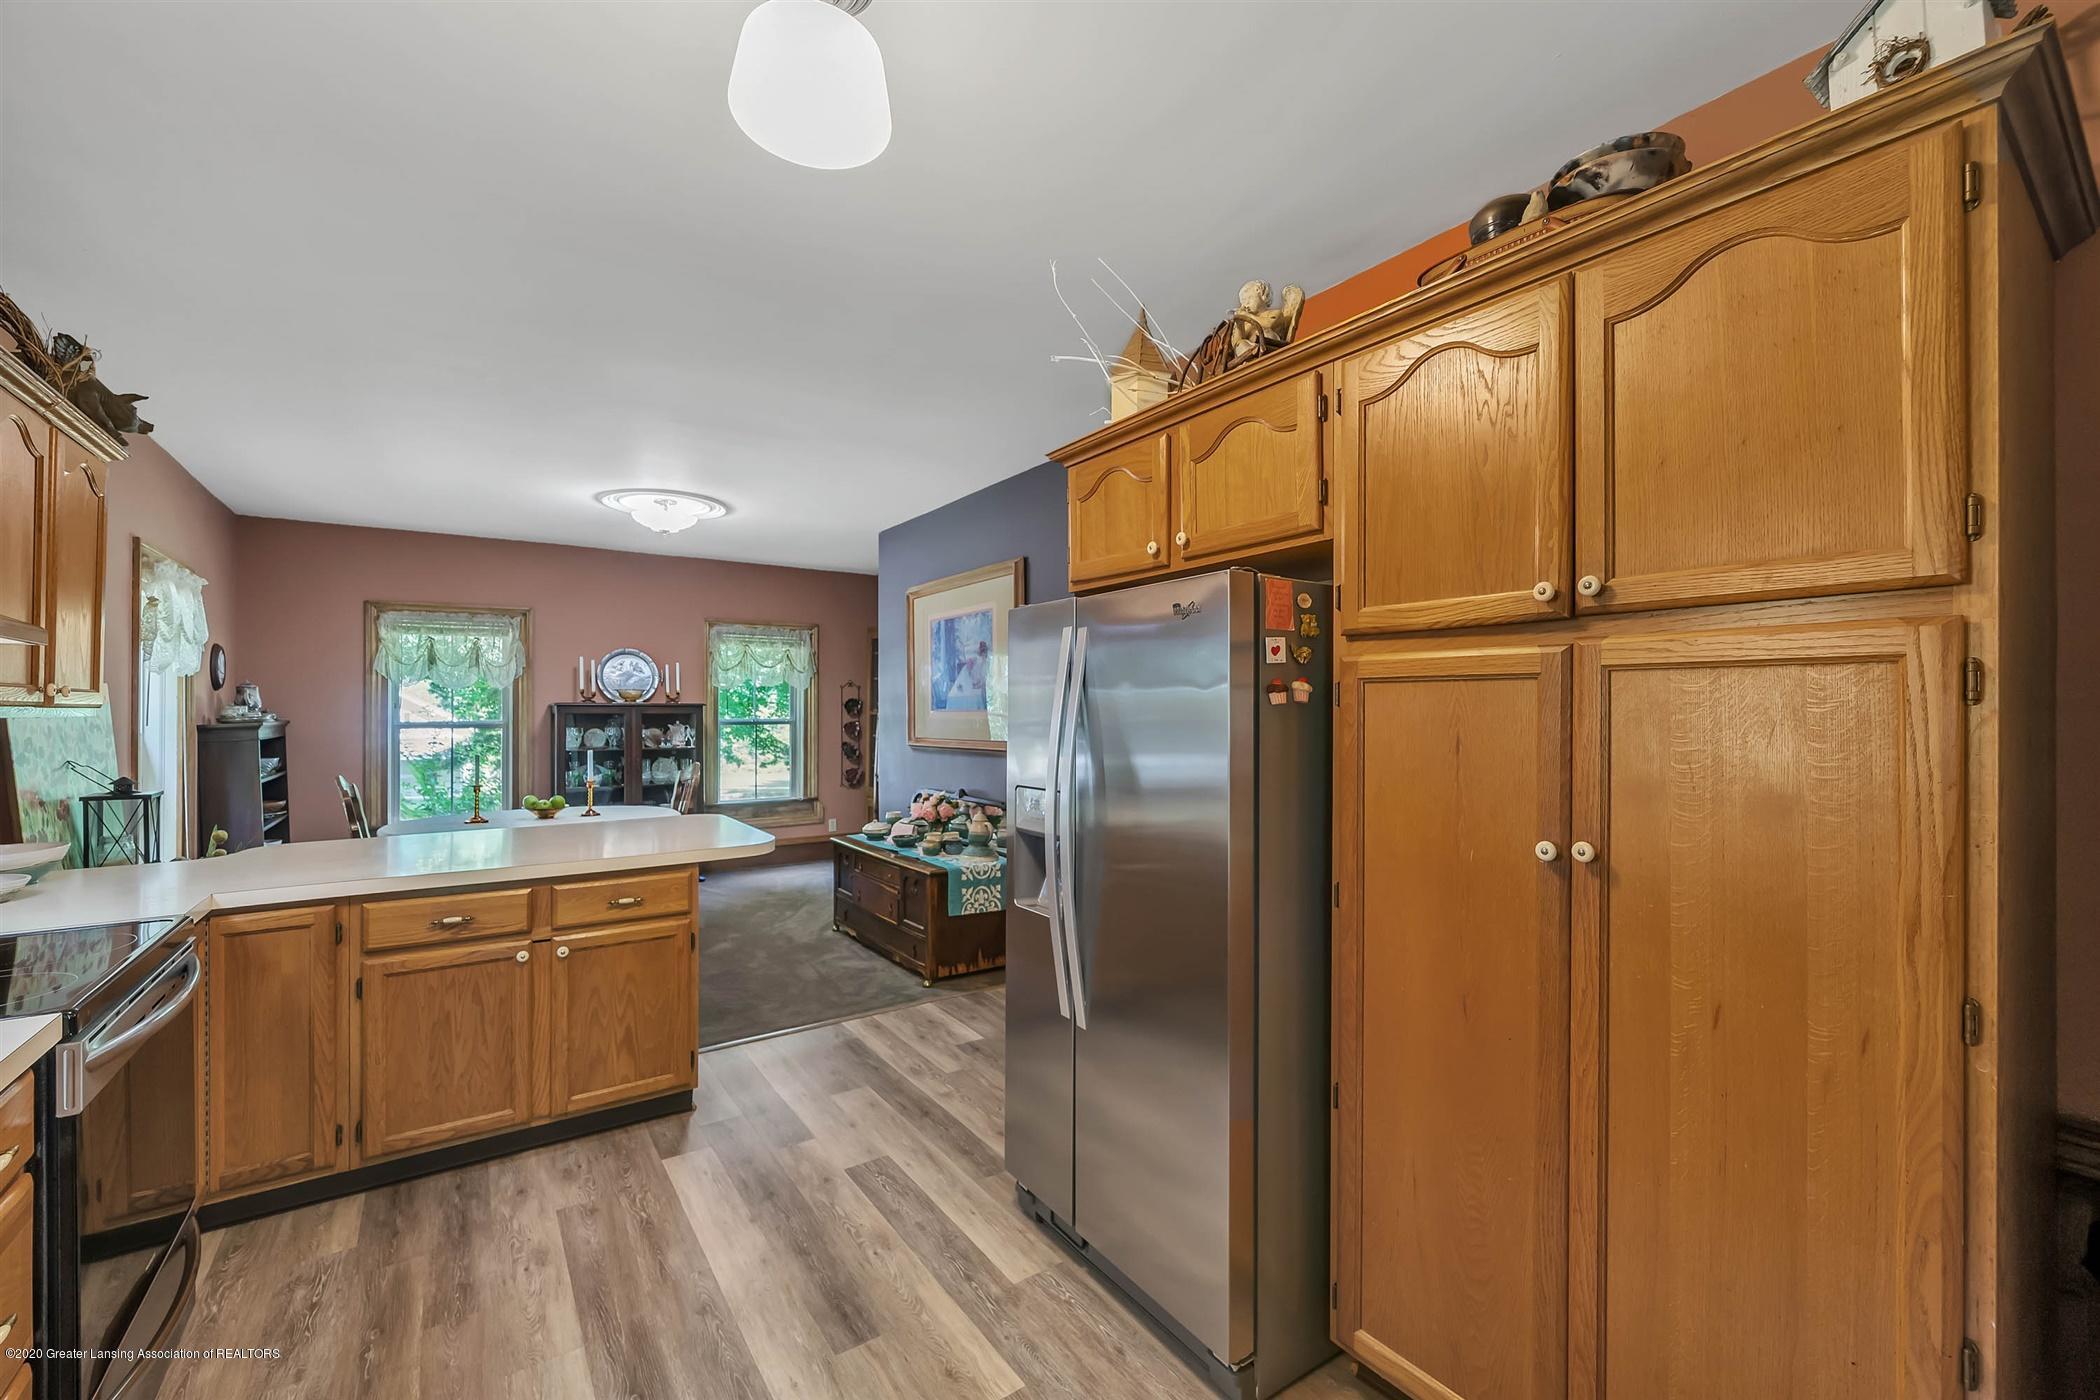 518 S Smith Rd - (13) MAIN FLOOR Kitchen - 14